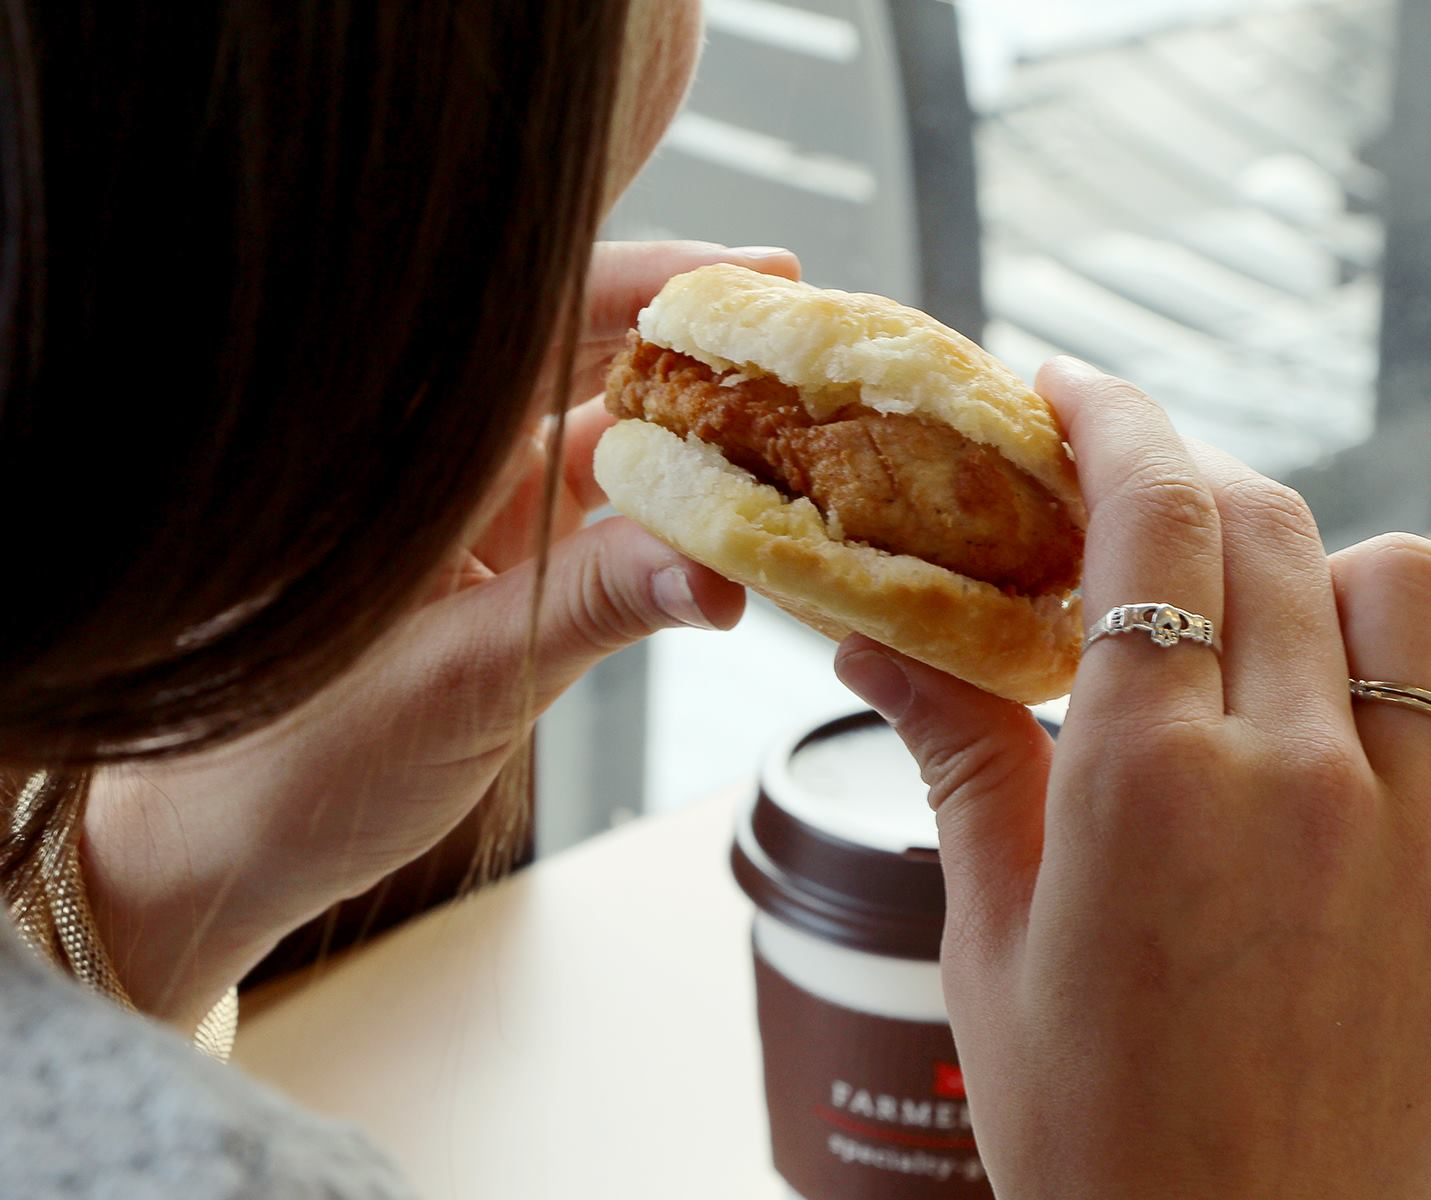 free-breakfast-at-chick-fil-a